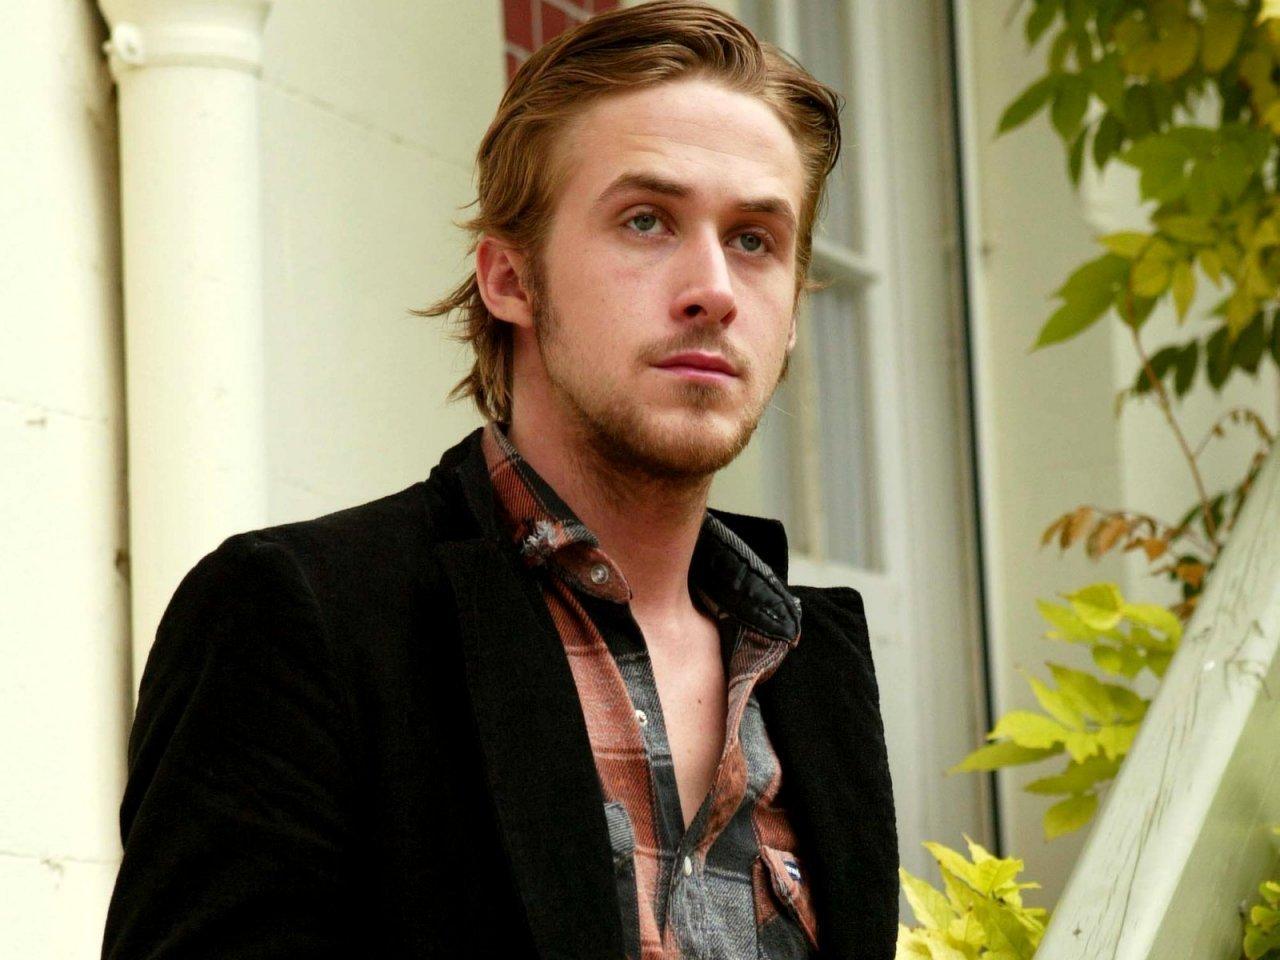 Ryan Gosling   Ryan Gosling Wallpaper 22881478 1280x960